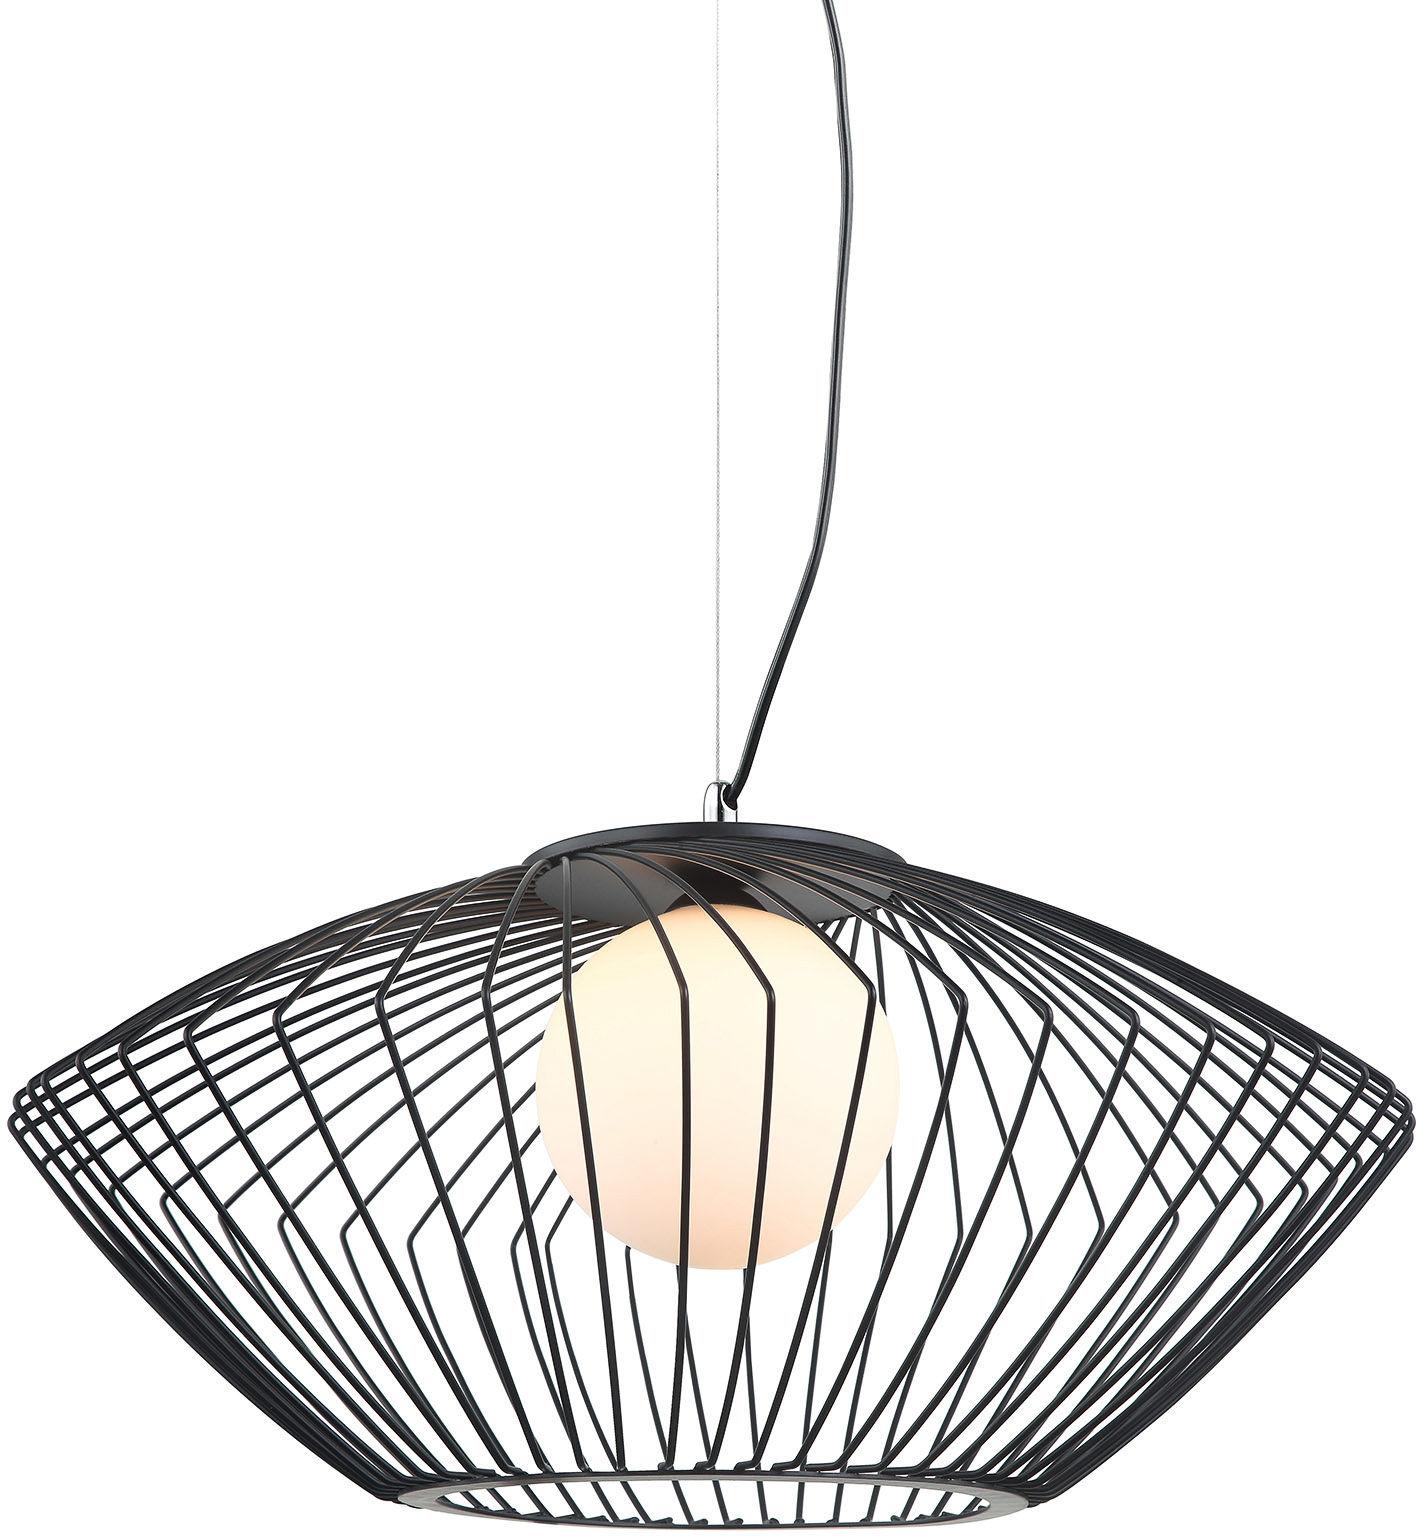 Italux lampa wisząca Zeno MDM-3844-1 BK czarna druciana z szklanym kloszem 52cm